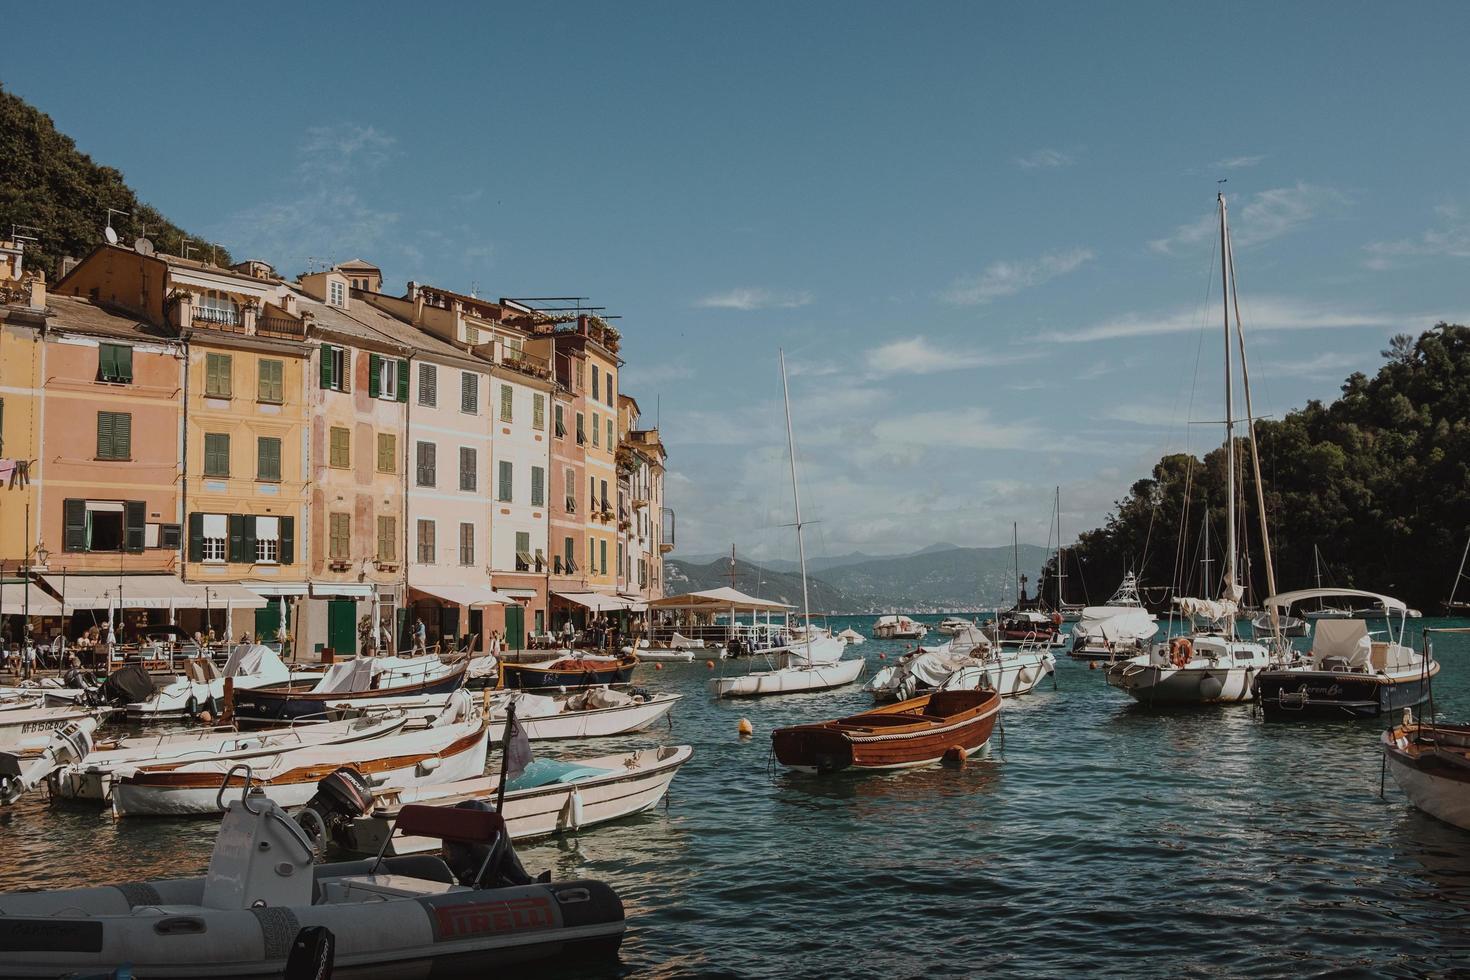 Marina di Portofino, Italie, 2020 - bateaux amarrés dans la marina photo